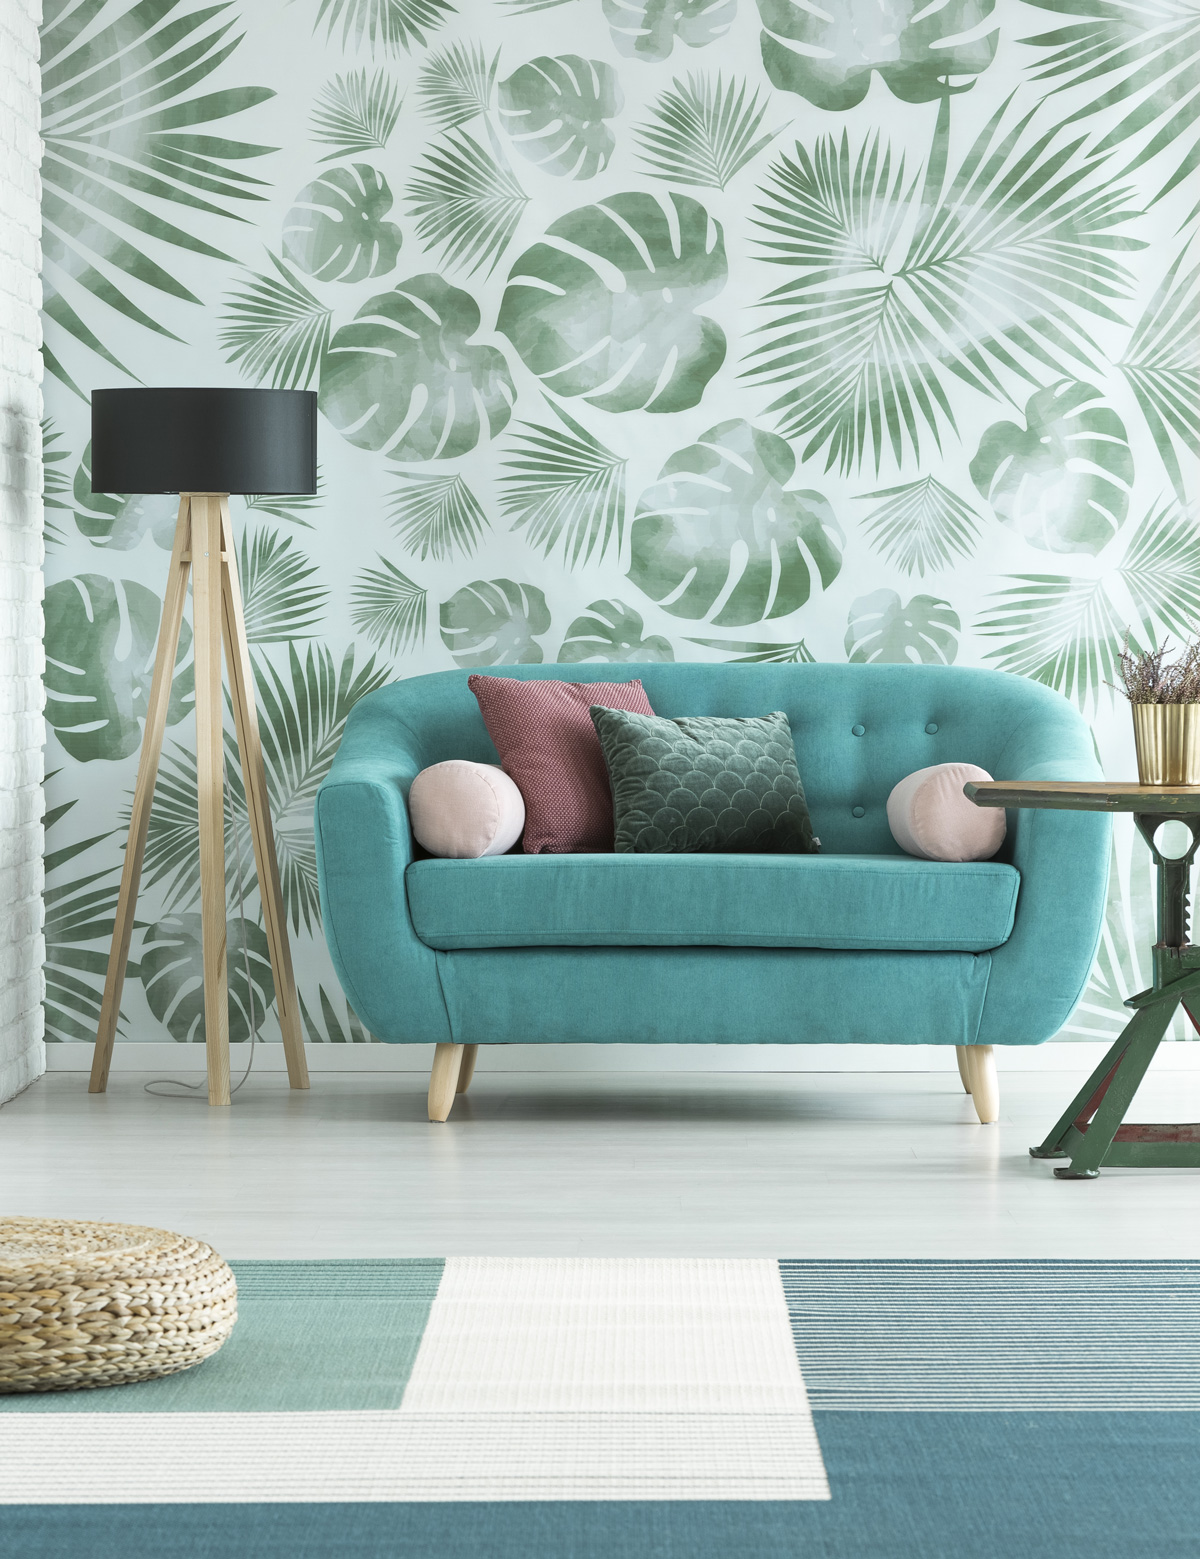 trendy farby v interiéri